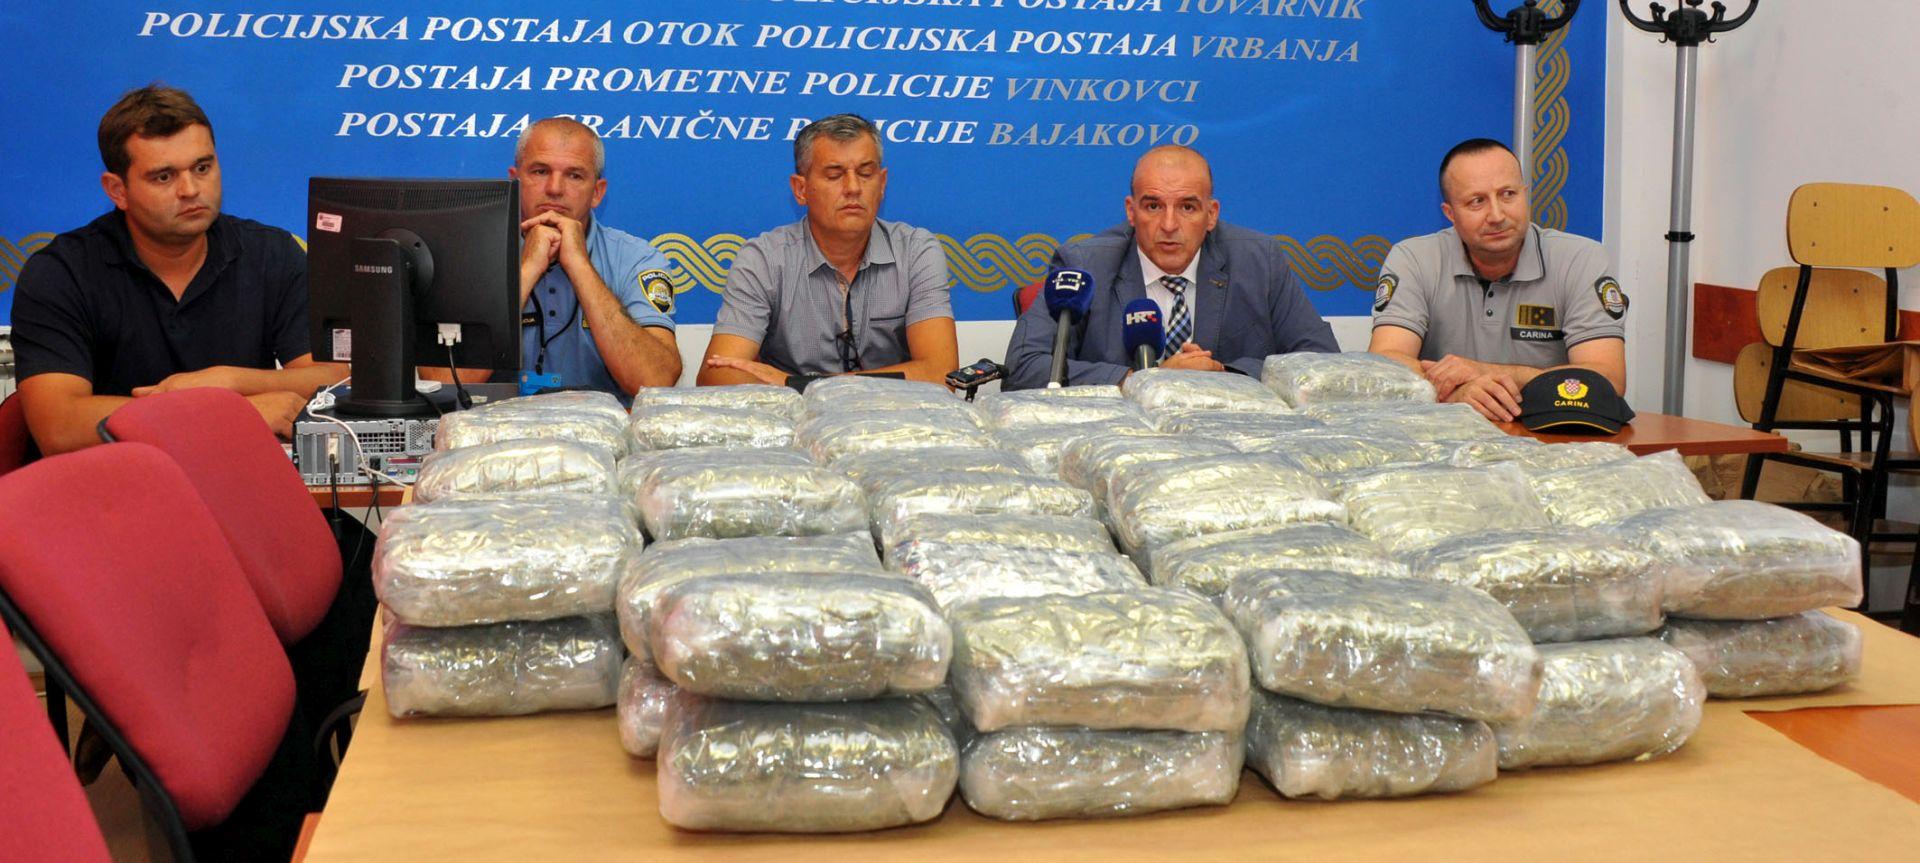 GRANIČNI PRIJELAZ BAJAKOVO: Tijekom kontrole zaplijenjeno 33 kilograma marihuane